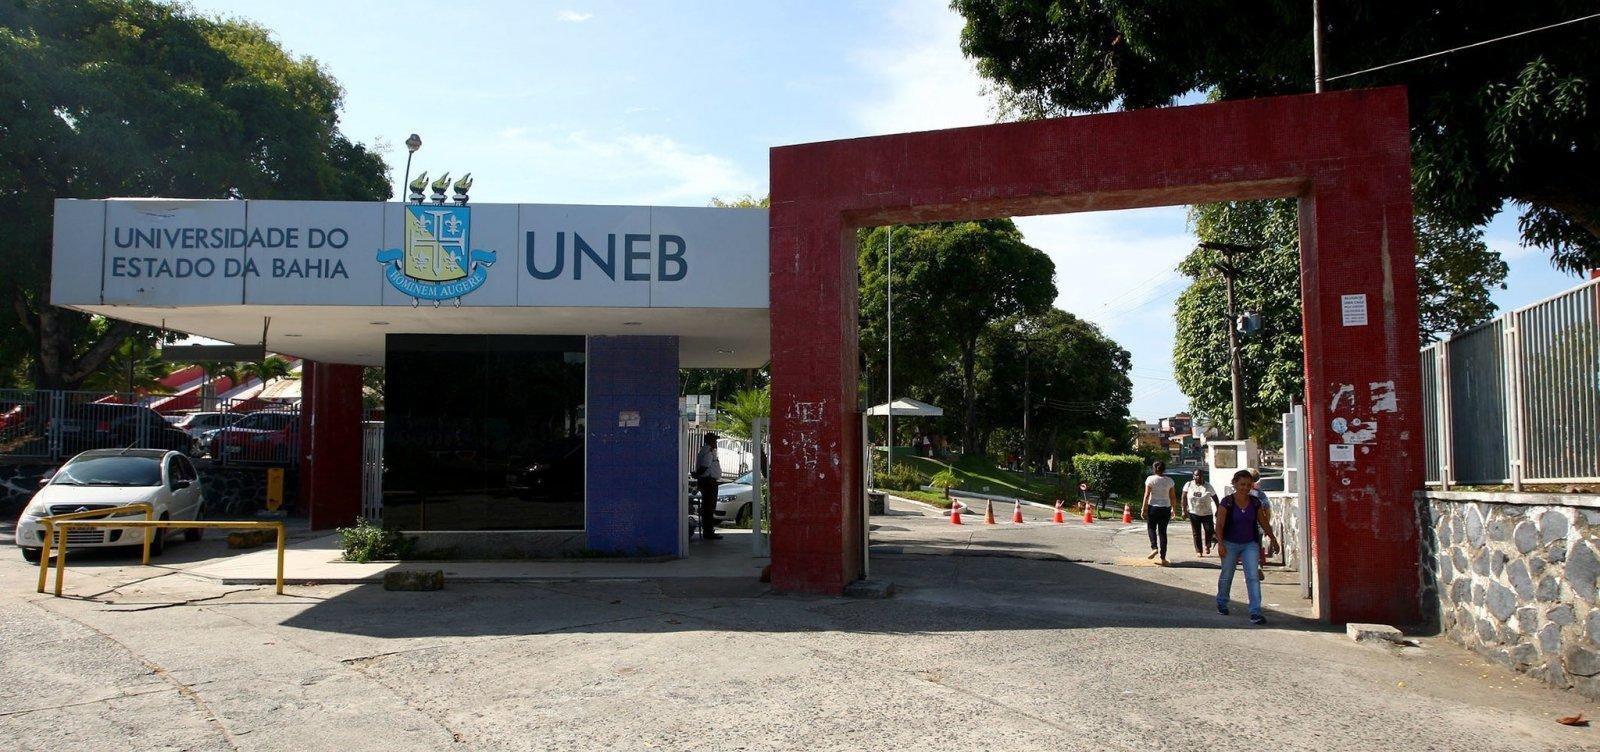 [Vestibular da Uneb tem 765 candidatos por vaga para curso de Medicina]